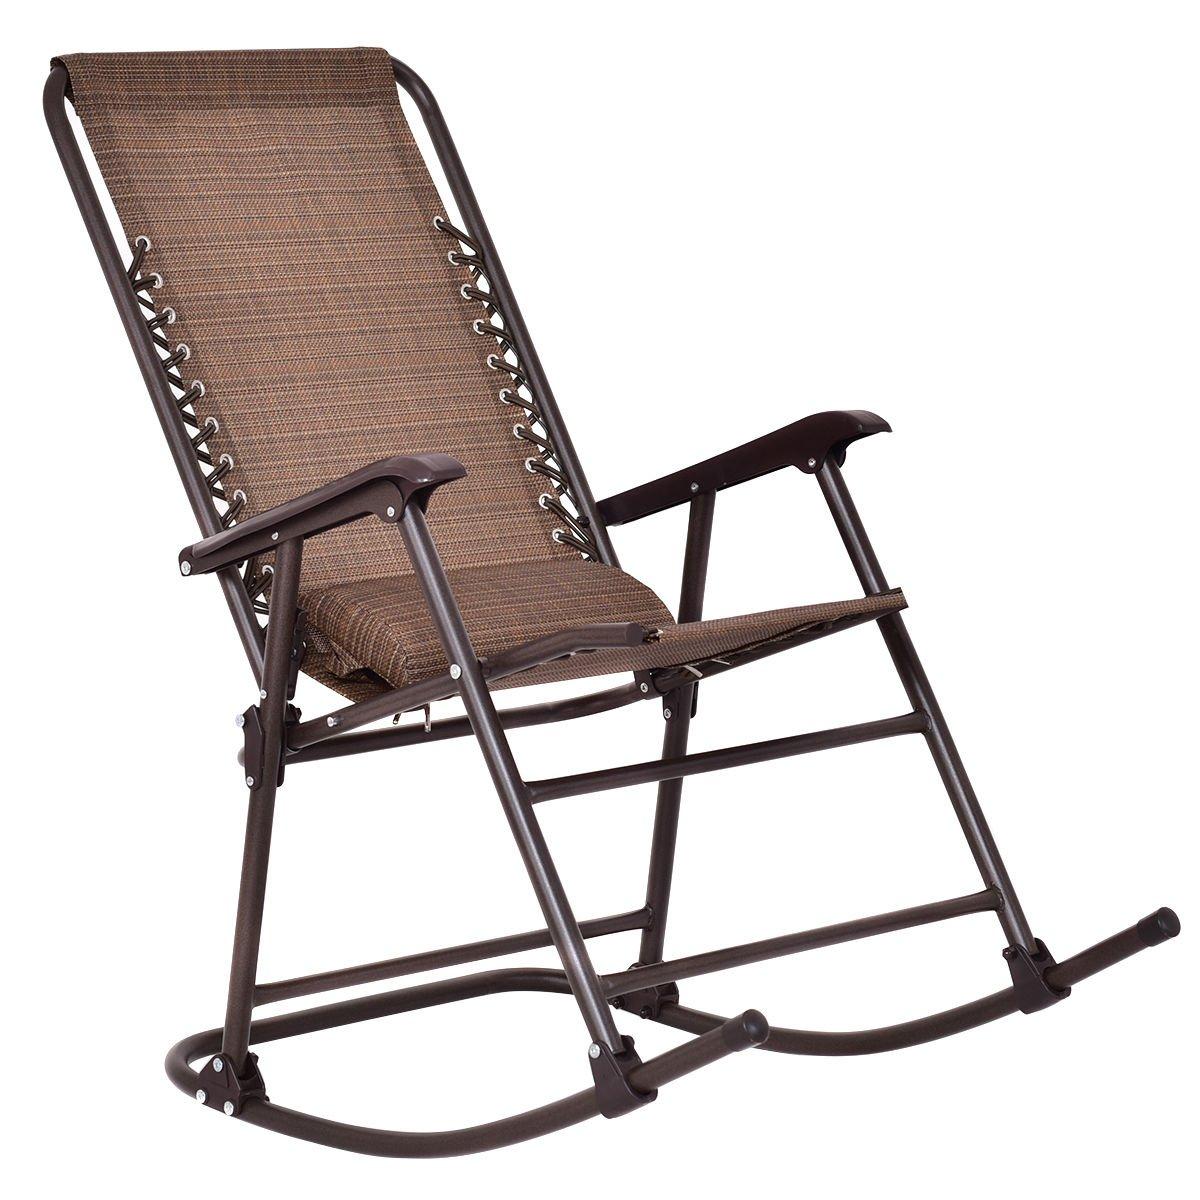 Goplus Folding Rocking Chair Rocker Porch Indoor Outdoor Patio Furniture W/  Headrest